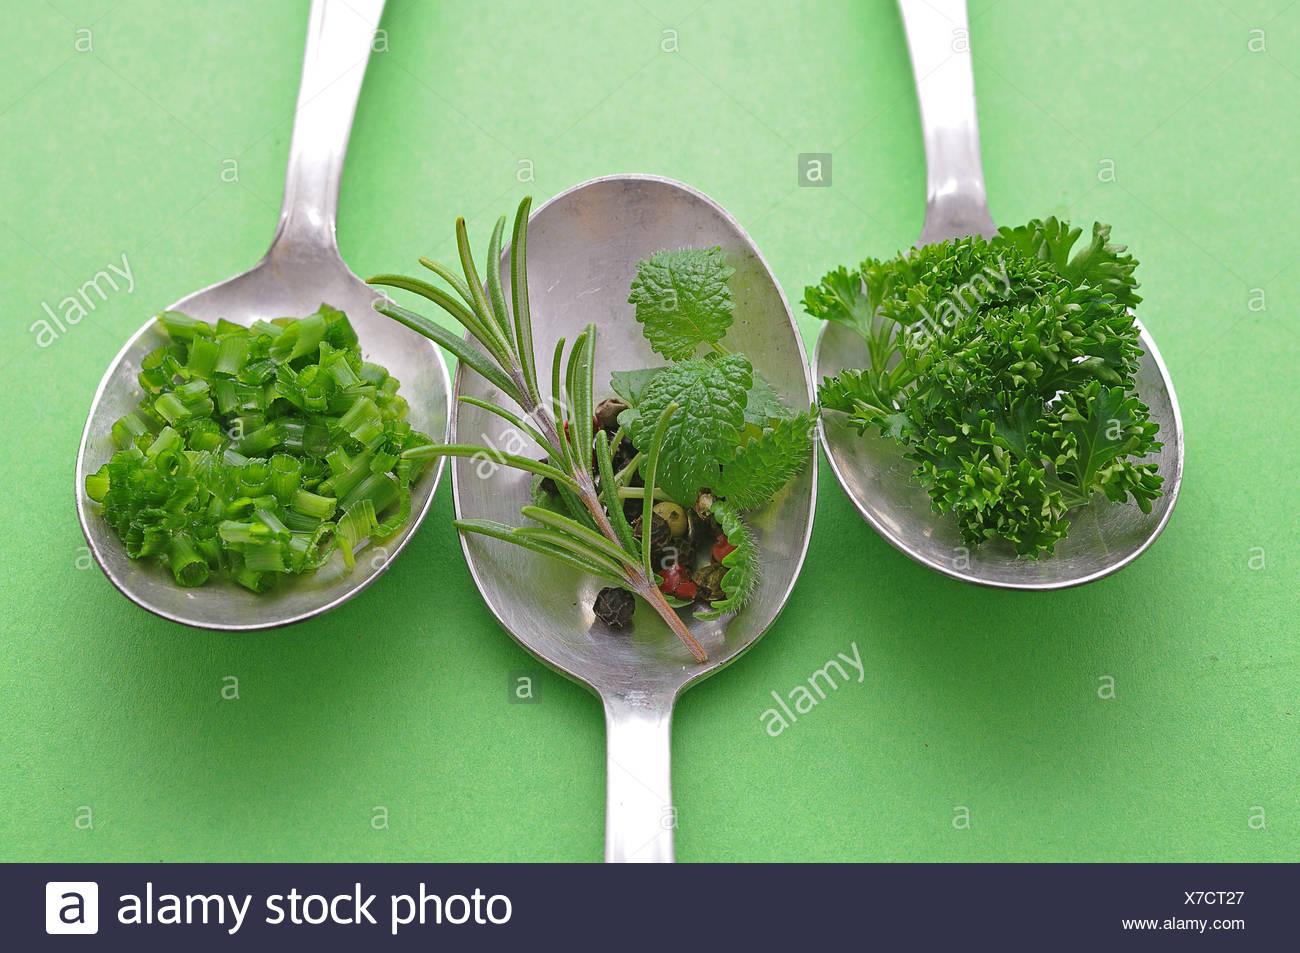 Le erbe aromatiche e le spezie sui vecchi cucchiai di erba cipollina, rosmarino, prezzemolo, pepe, menta Immagini Stock